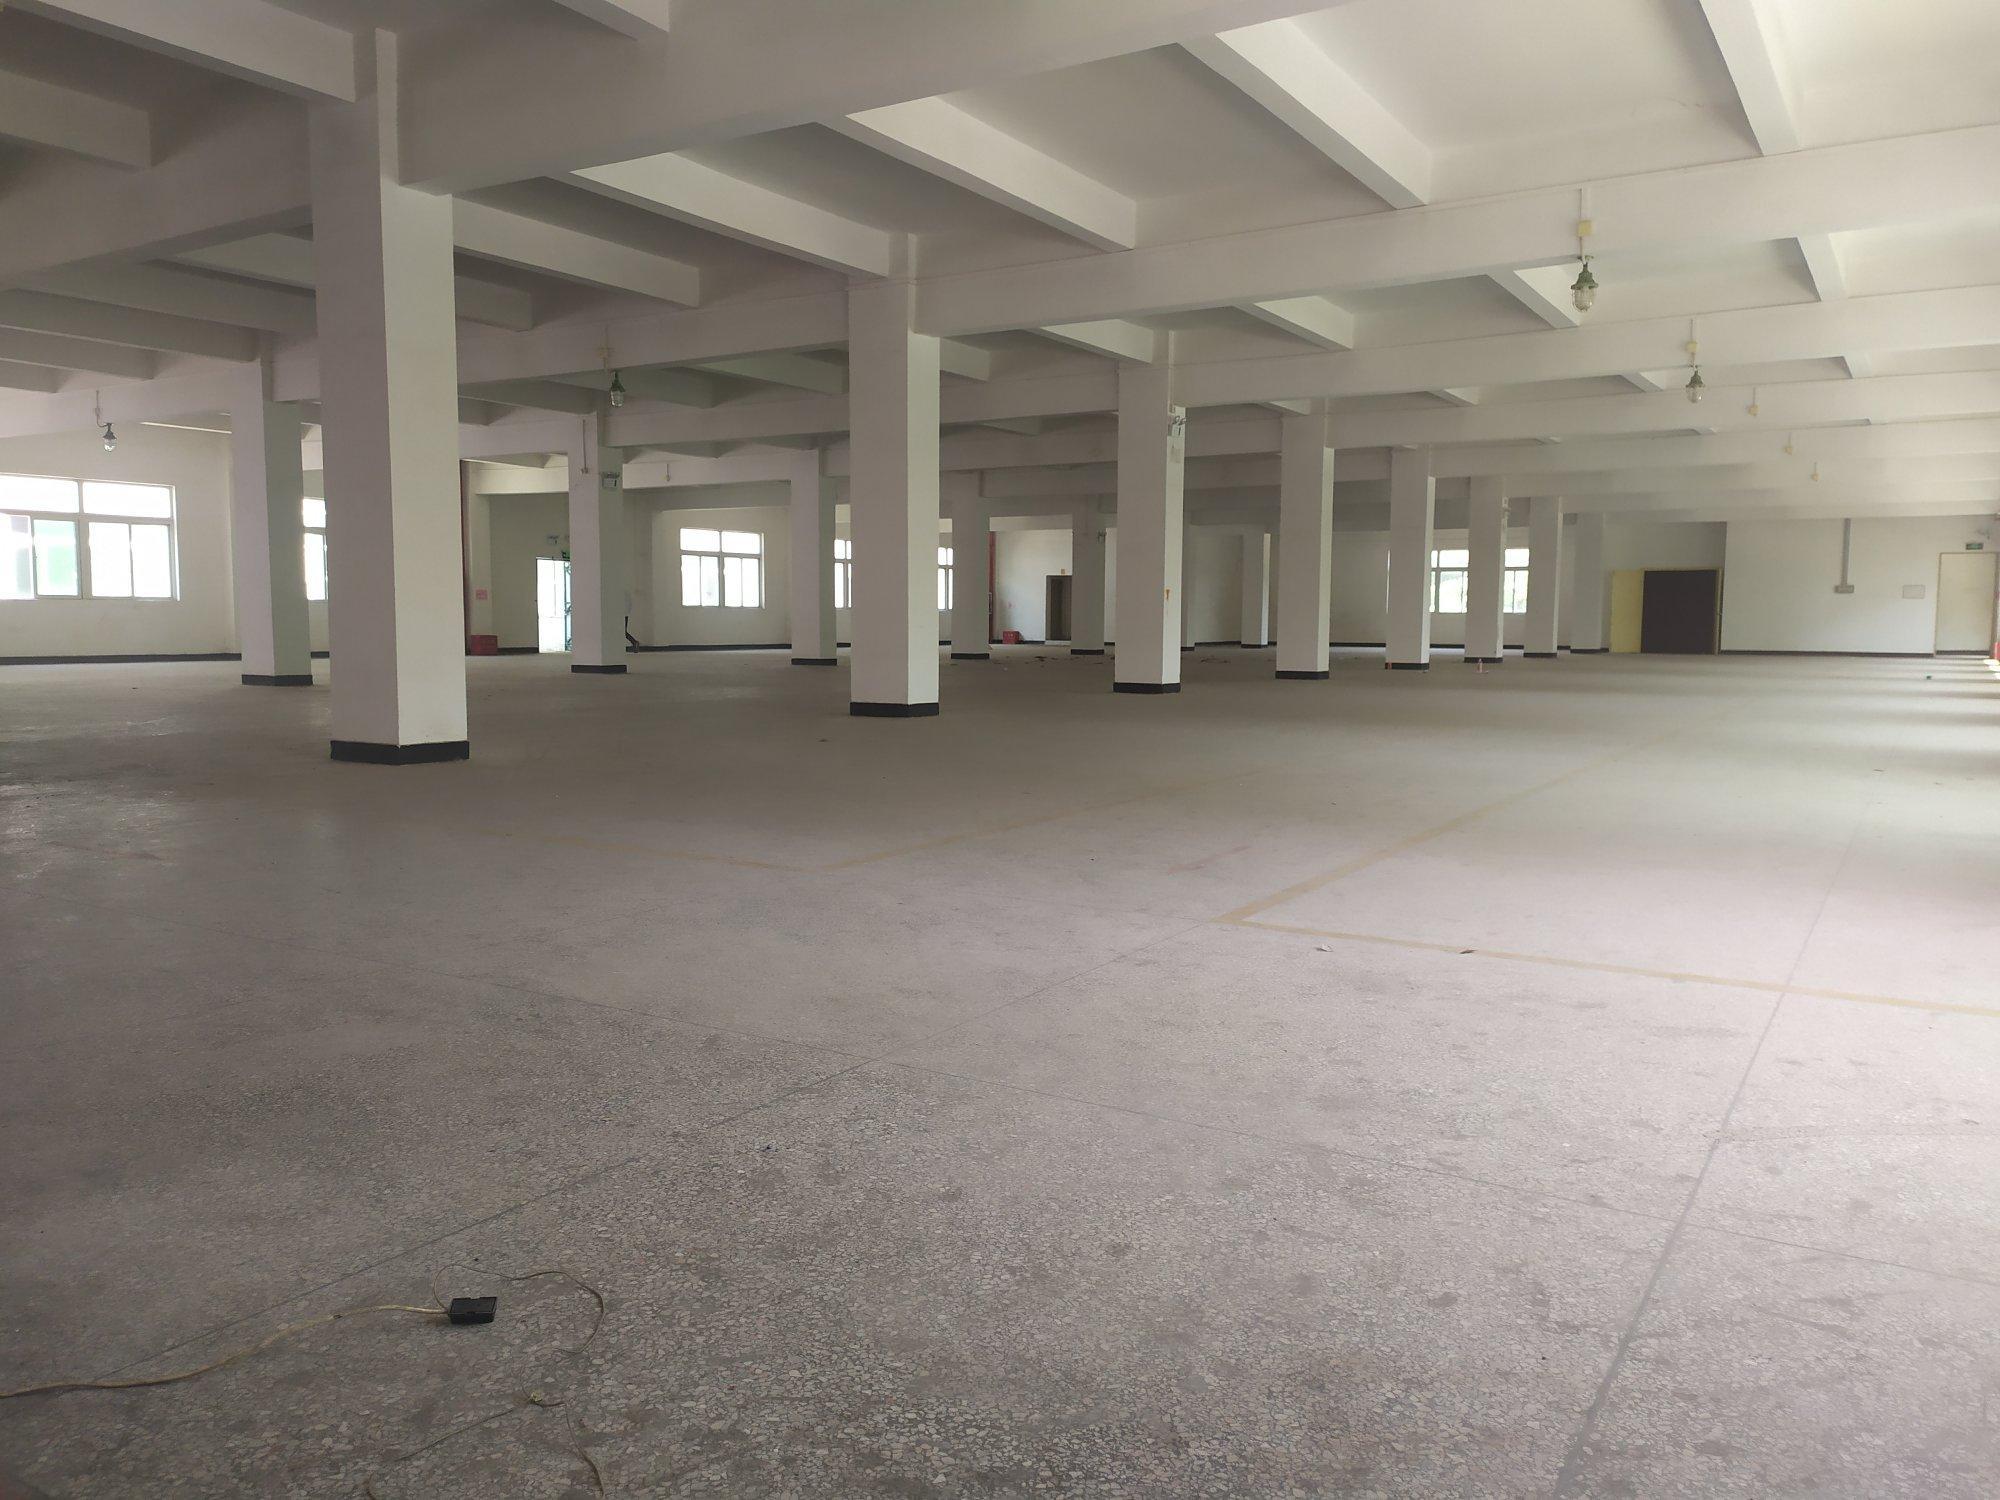 惠阳区淡水镇工业园一楼1600平方招租